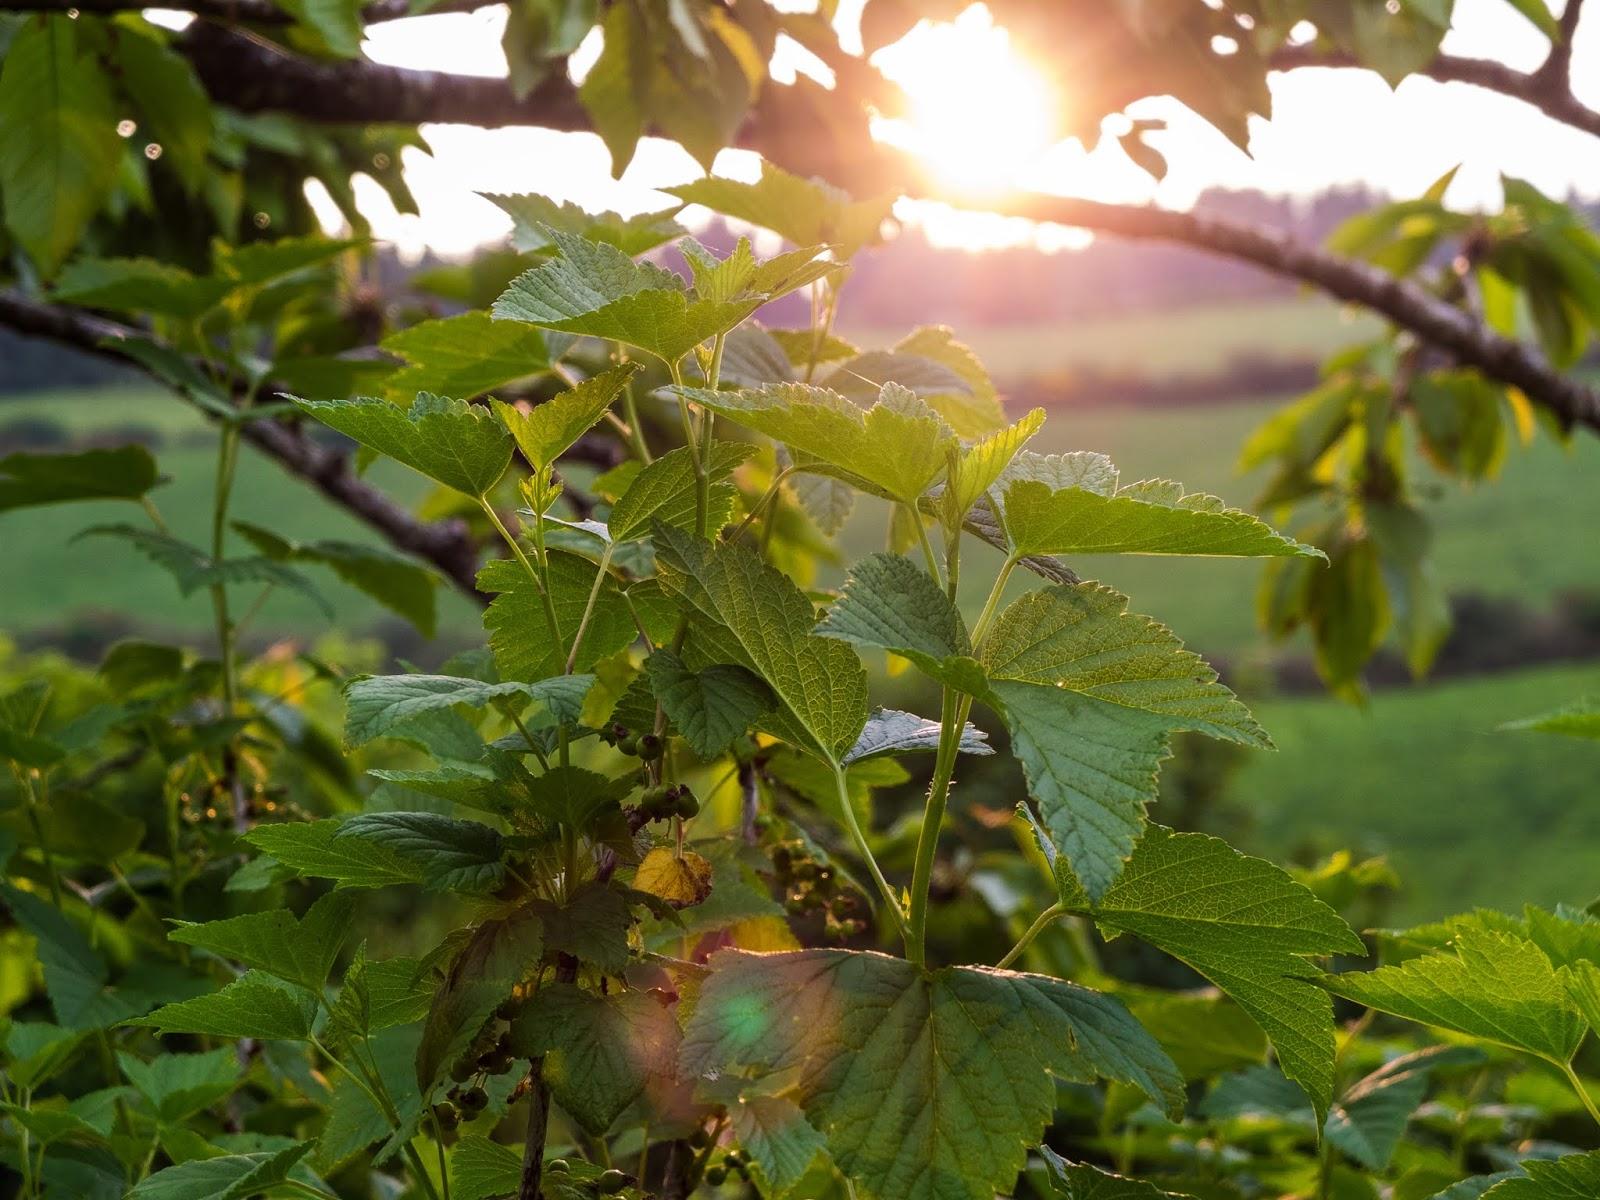 Sun shining through a blackcurrant bush in the garden.